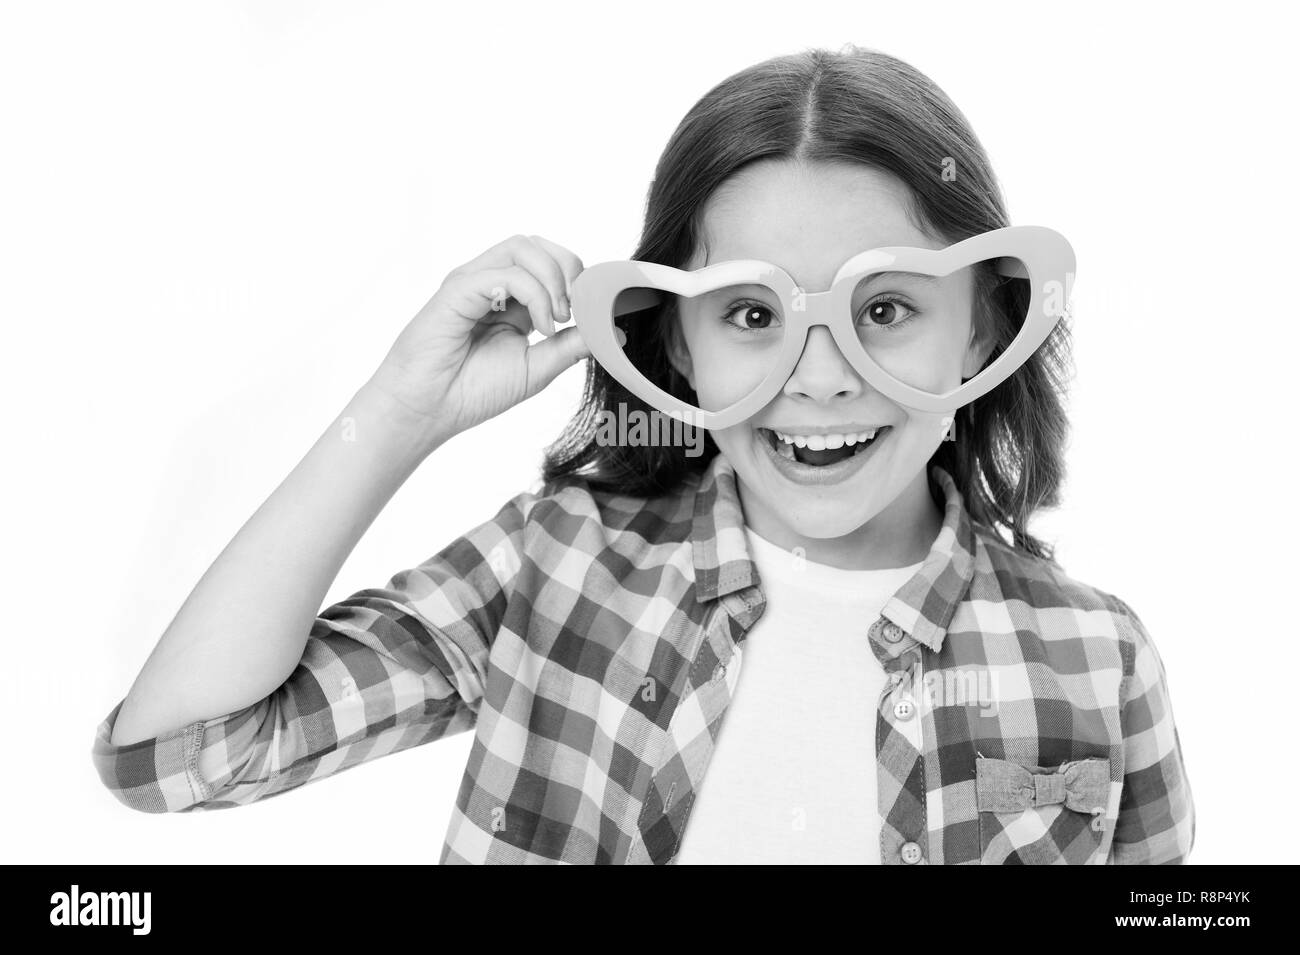 Sweet l'enfance. Happy Kid se sent belle sympathie. Charmant sourire de l'enfant isolé sur fond blanc. Les lunettes en forme de coeur fille célèbre le Jour de Valentines. Adorable fille lunettes coeur visage souriant. Photo Stock